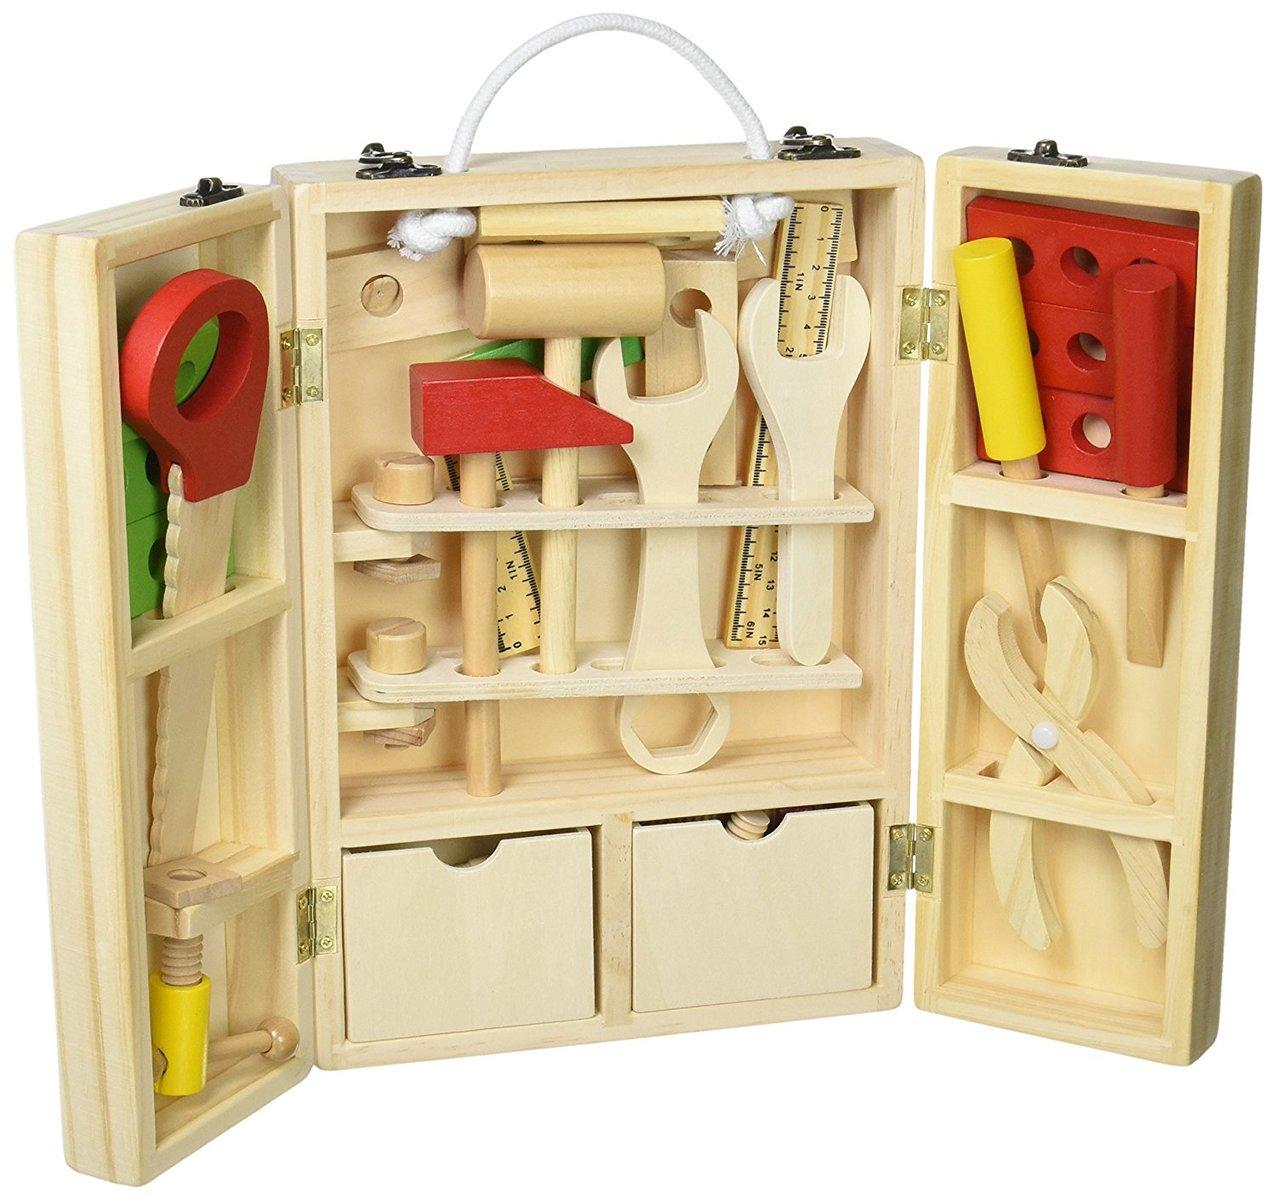 【新入荷】今だけポイント2倍! 収納できる 木製ツールボックス トントン 大工さんセット 【知育玩具】木のおもちゃ  男の子  誕生日プレゼントに!